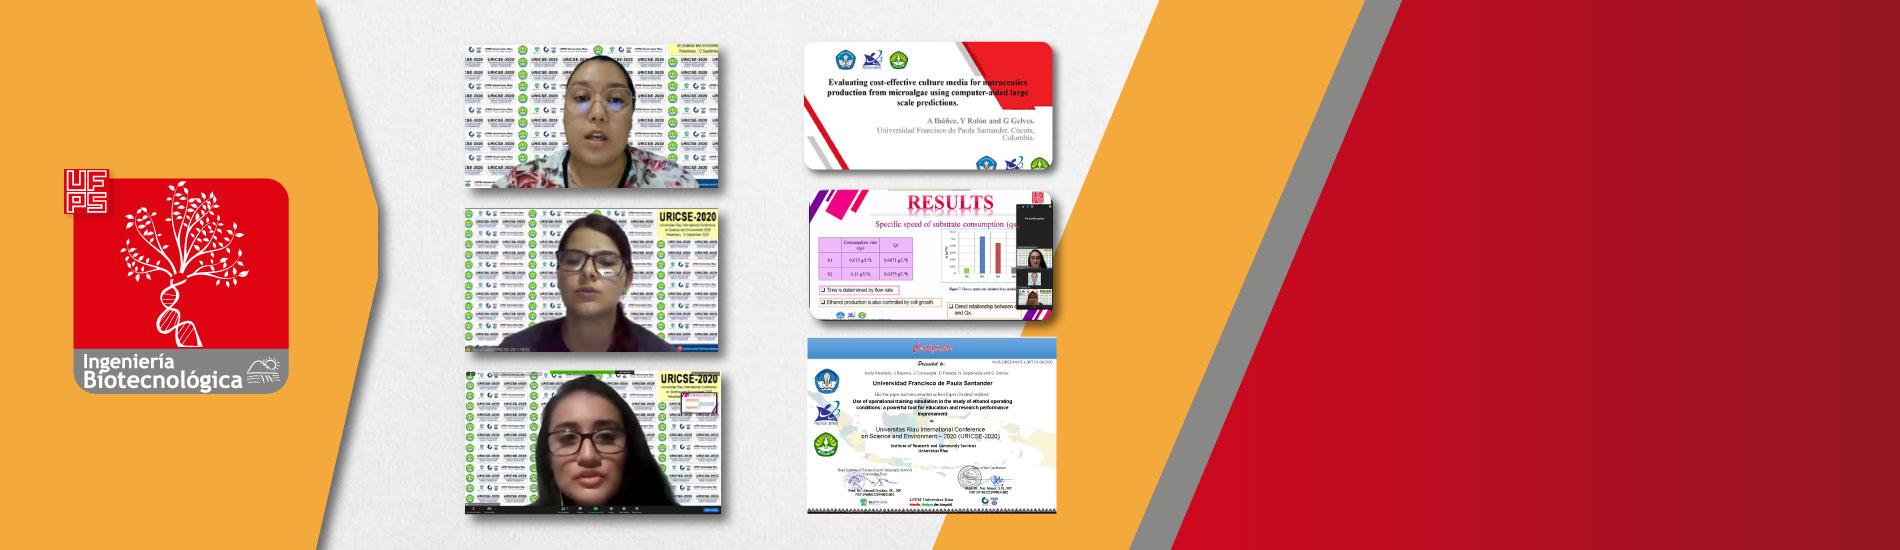 Docente, estudiantes y graduados de Ingeniería Biotecnológica presentaron investigaciones en Pekanbaru, Indonesia